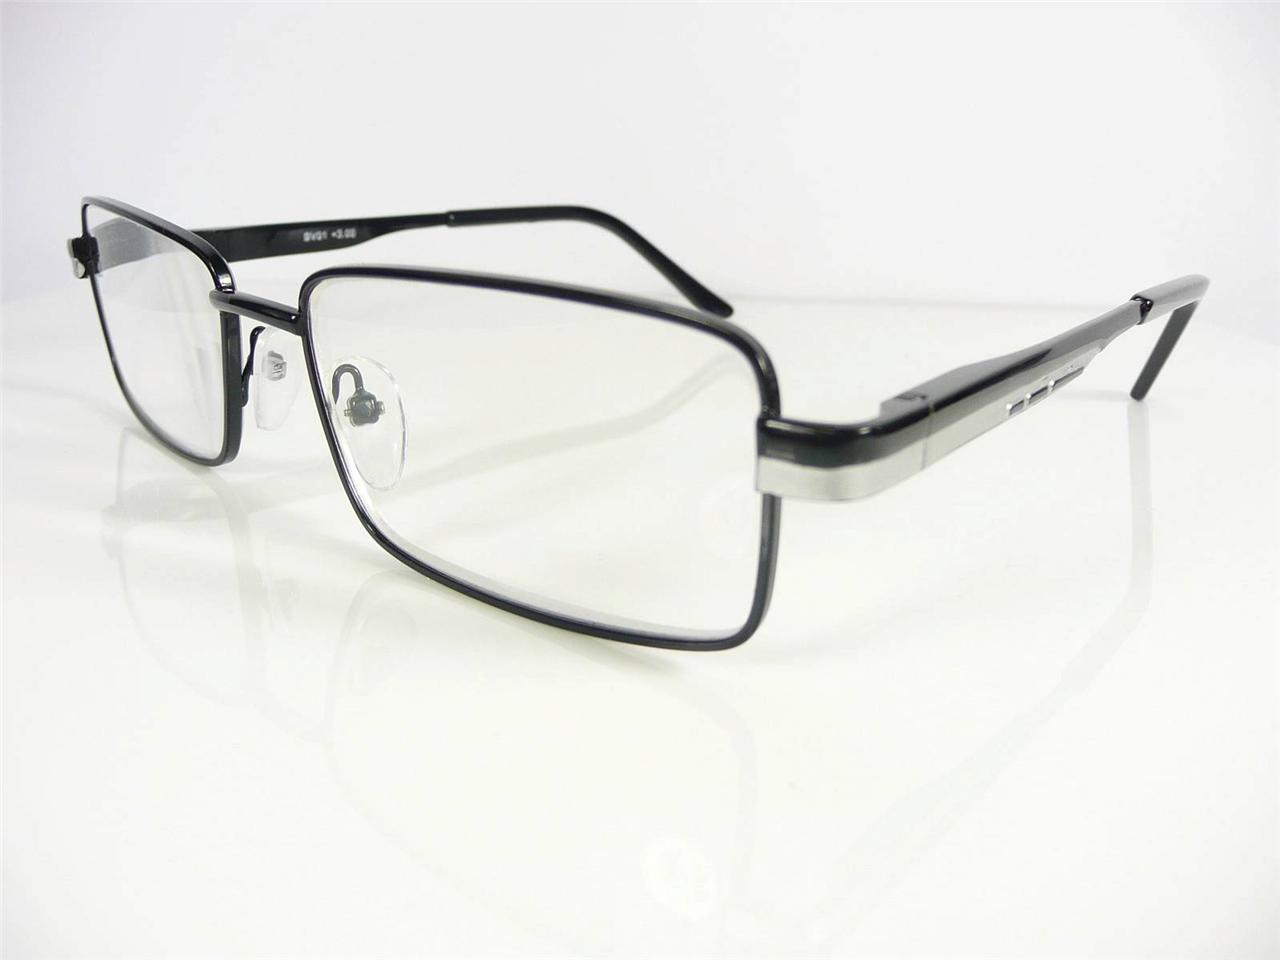 new mens designer metal reading glasses 1 5 1 75 3 s132